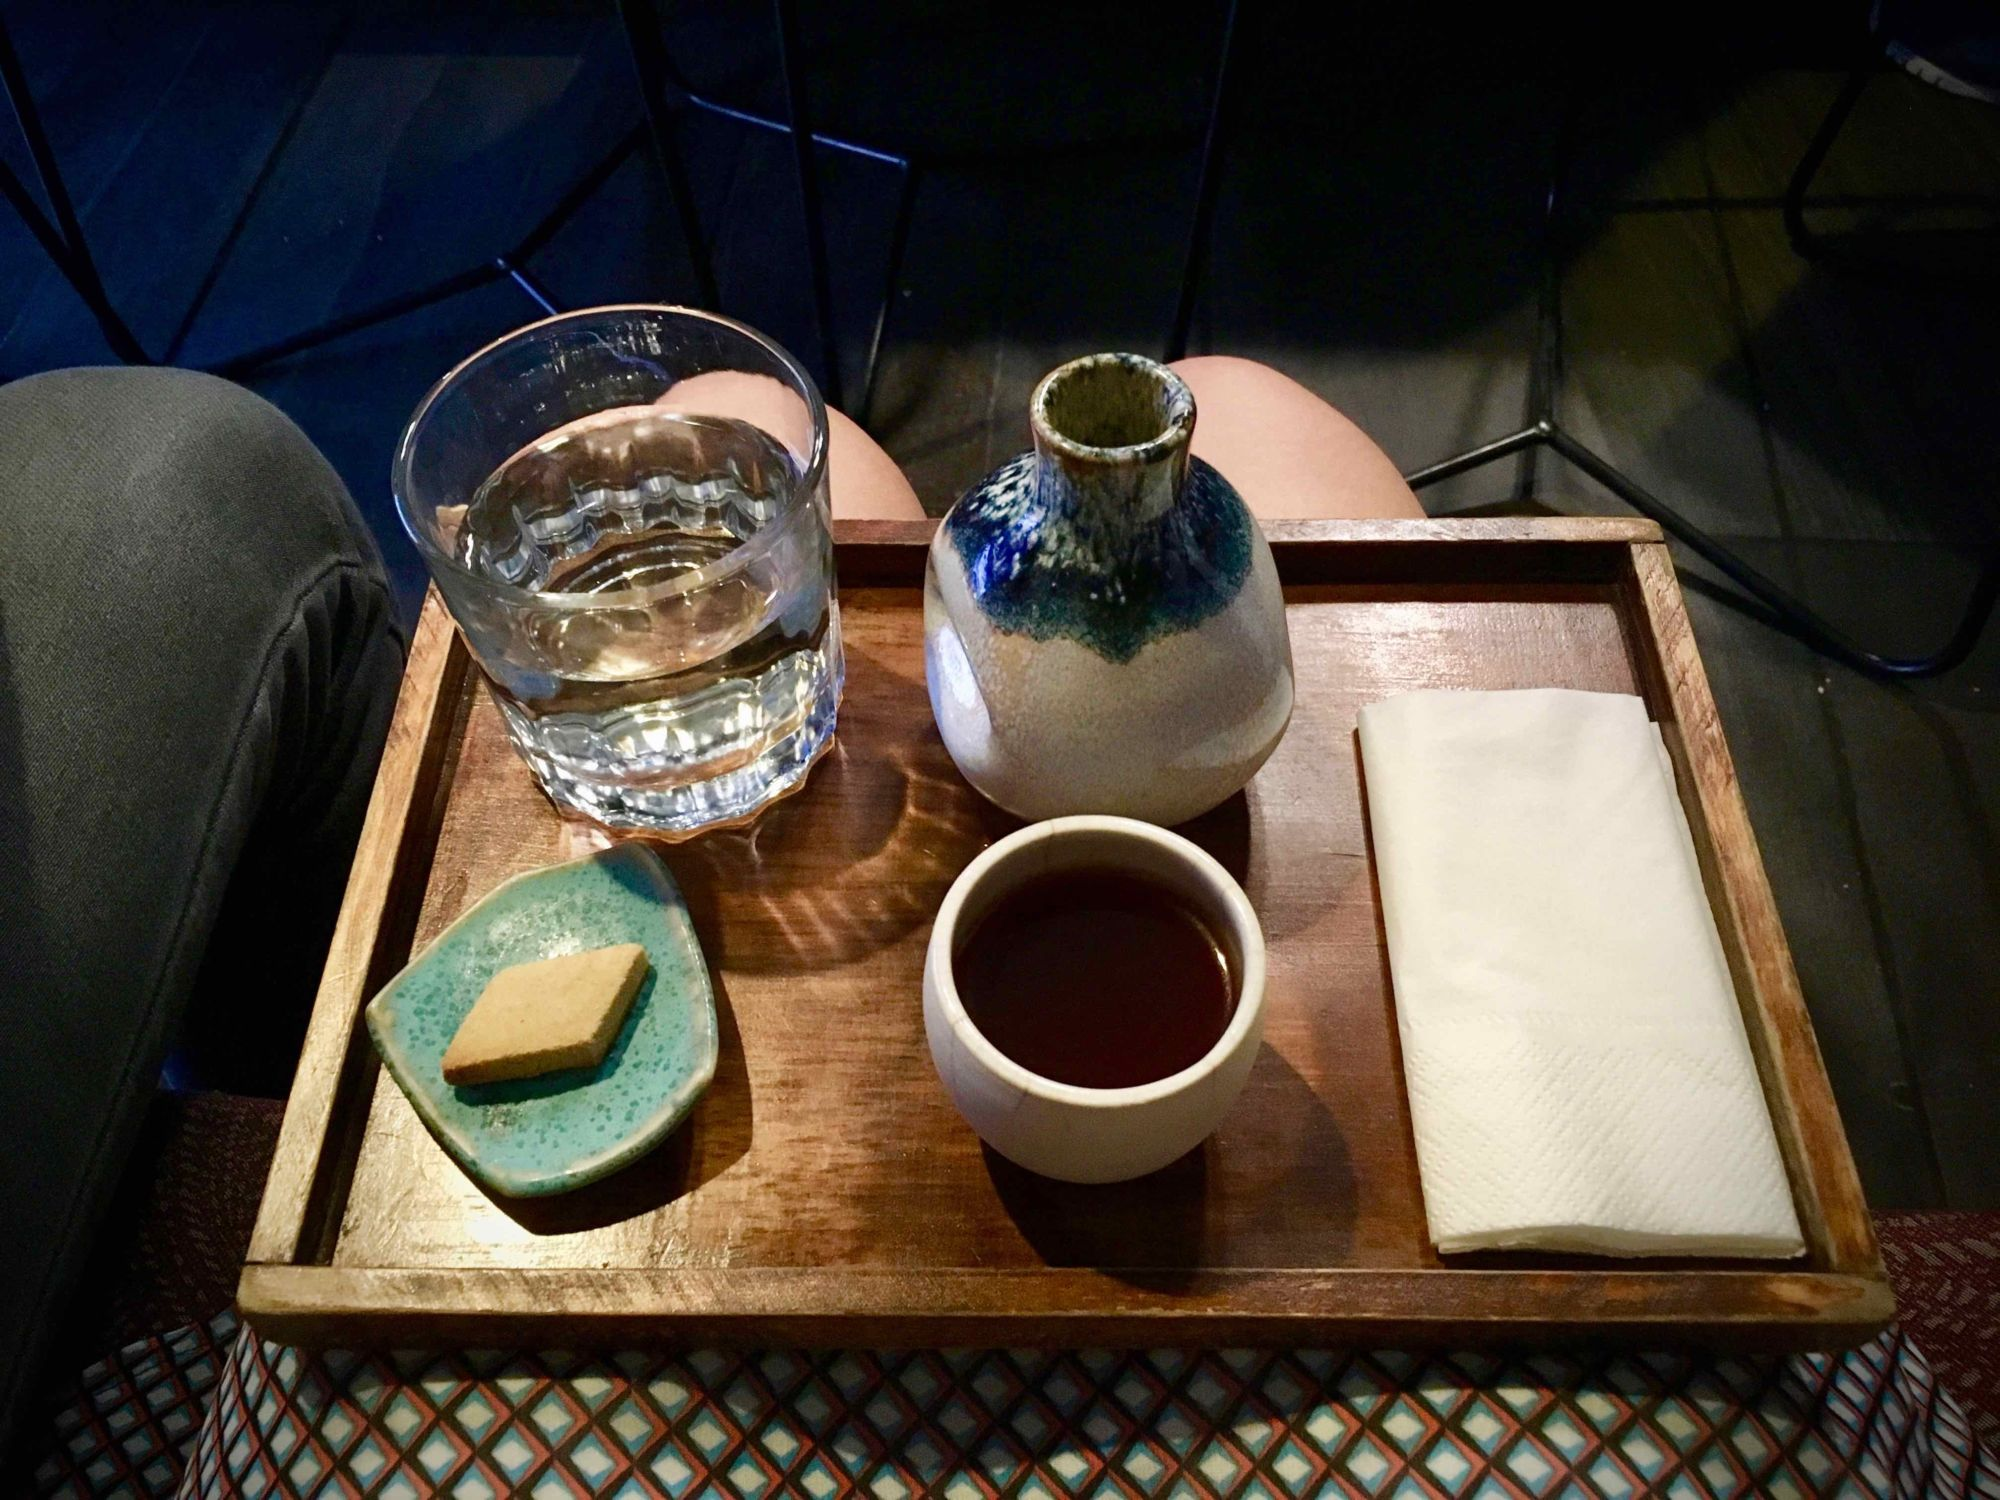 Café Avellaneda si hraje s pražením, přípravou i prezentací kávy